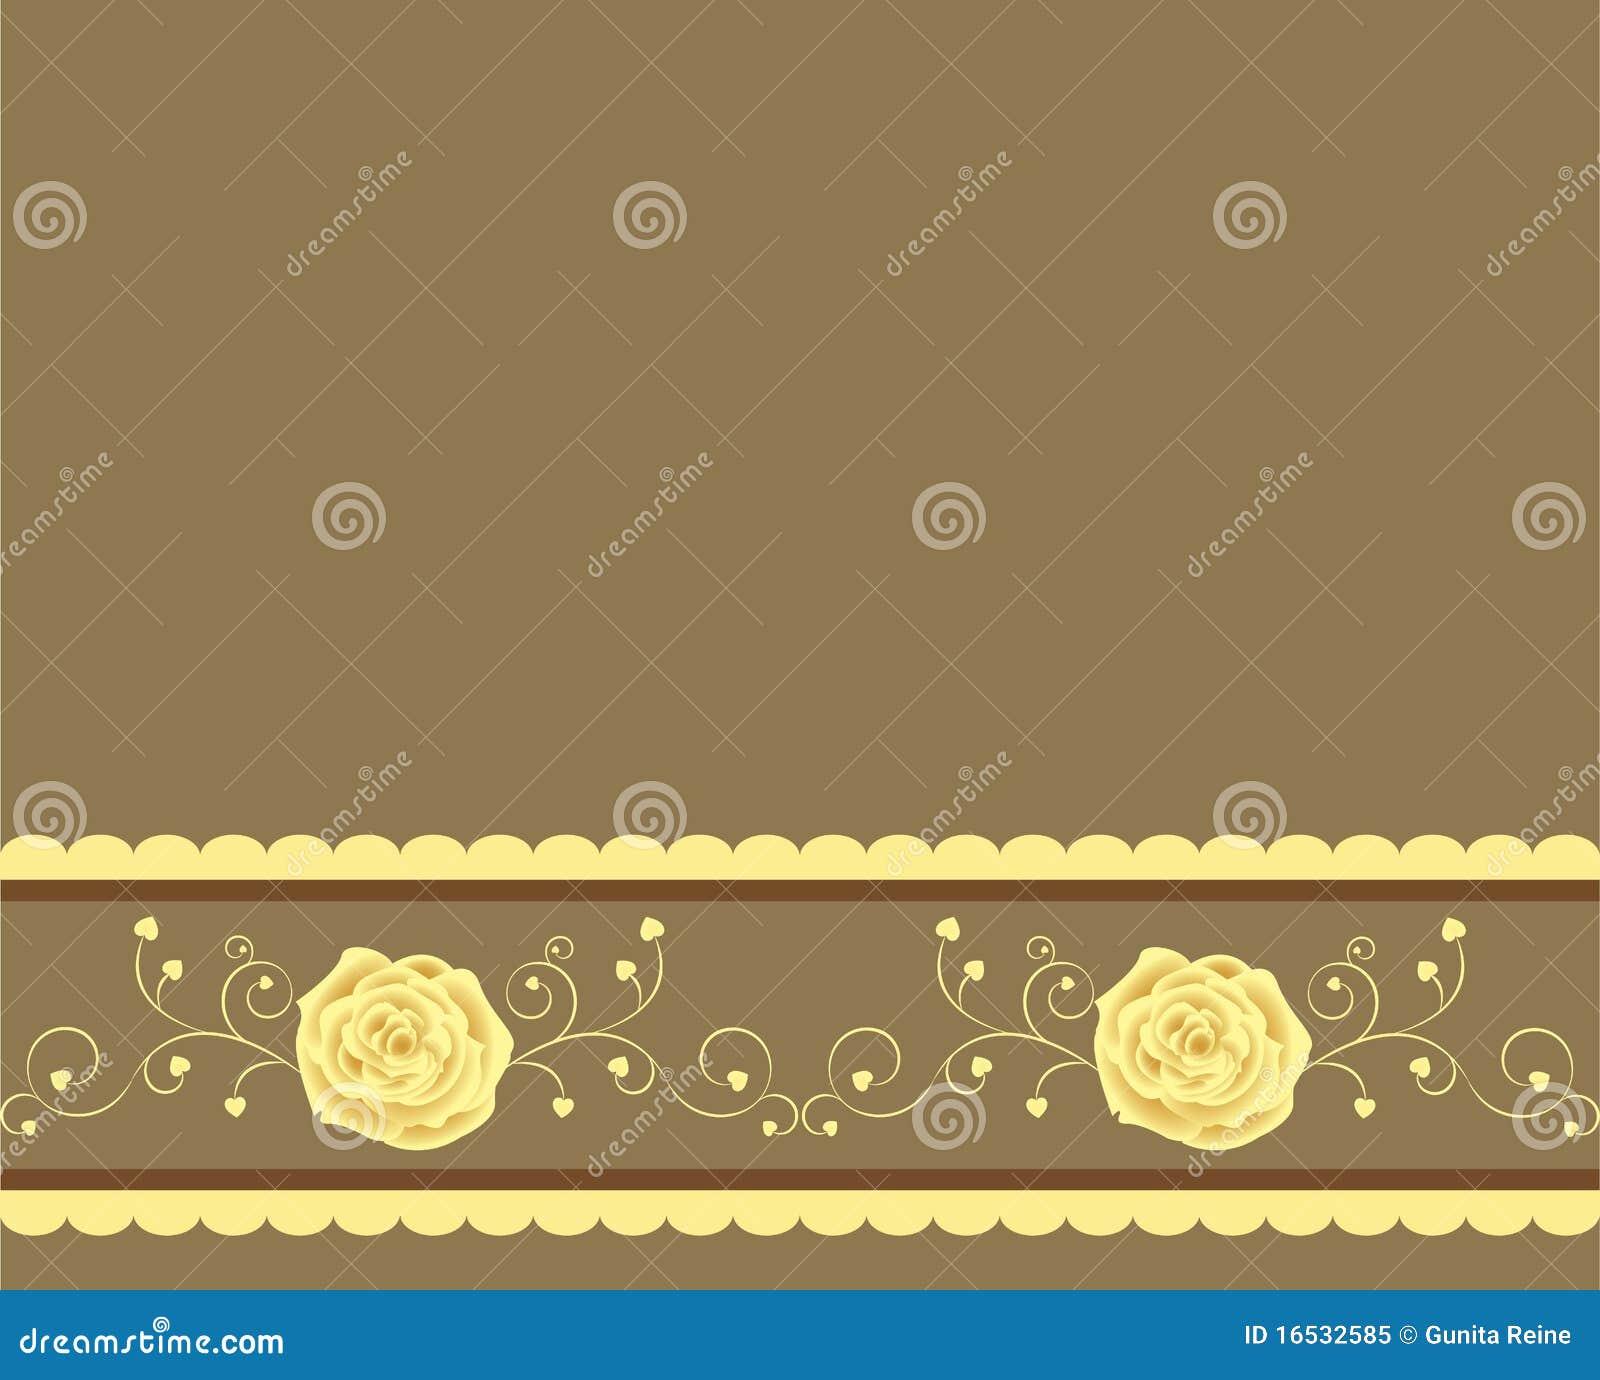 rosa de oro fondo - photo #3